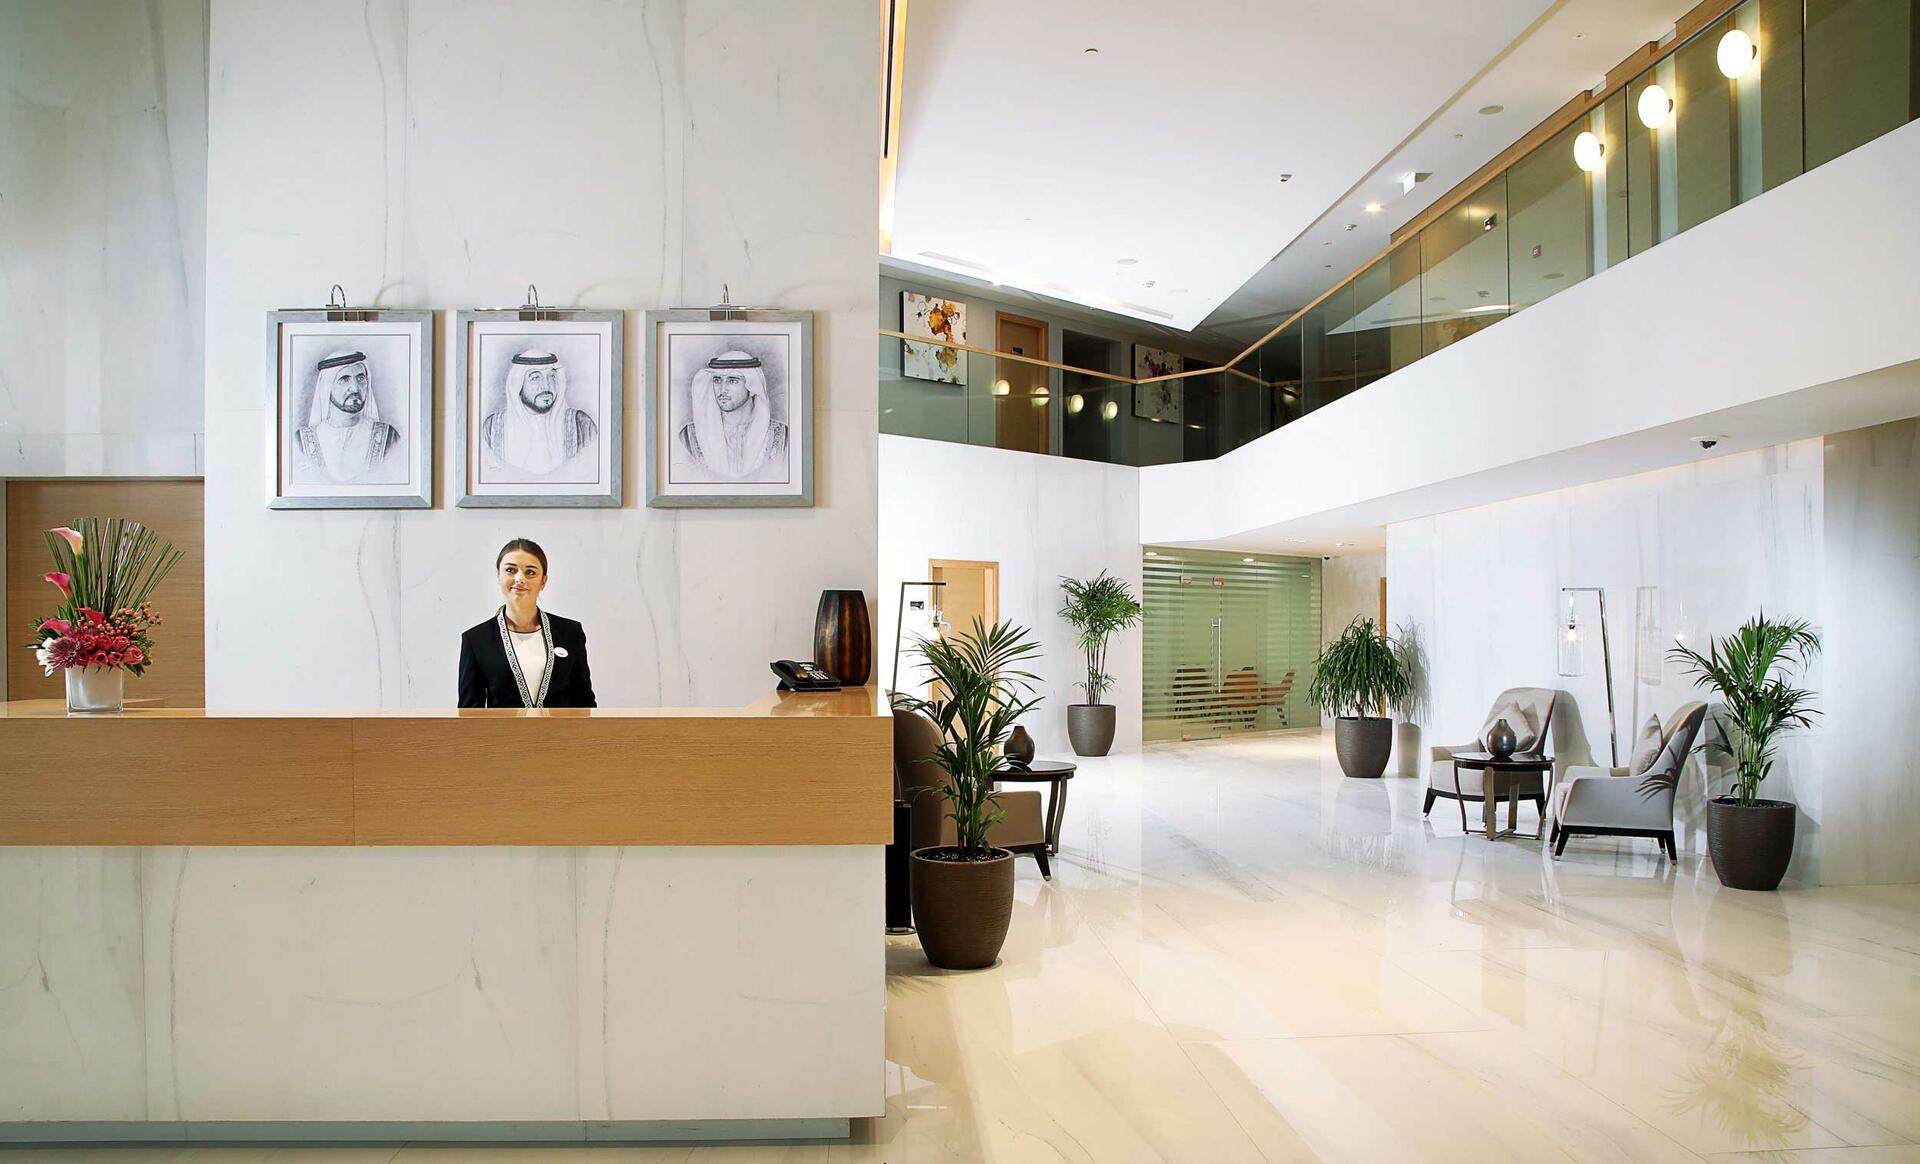 Reception at Grand Cosmopolitan Hotel in Dubai